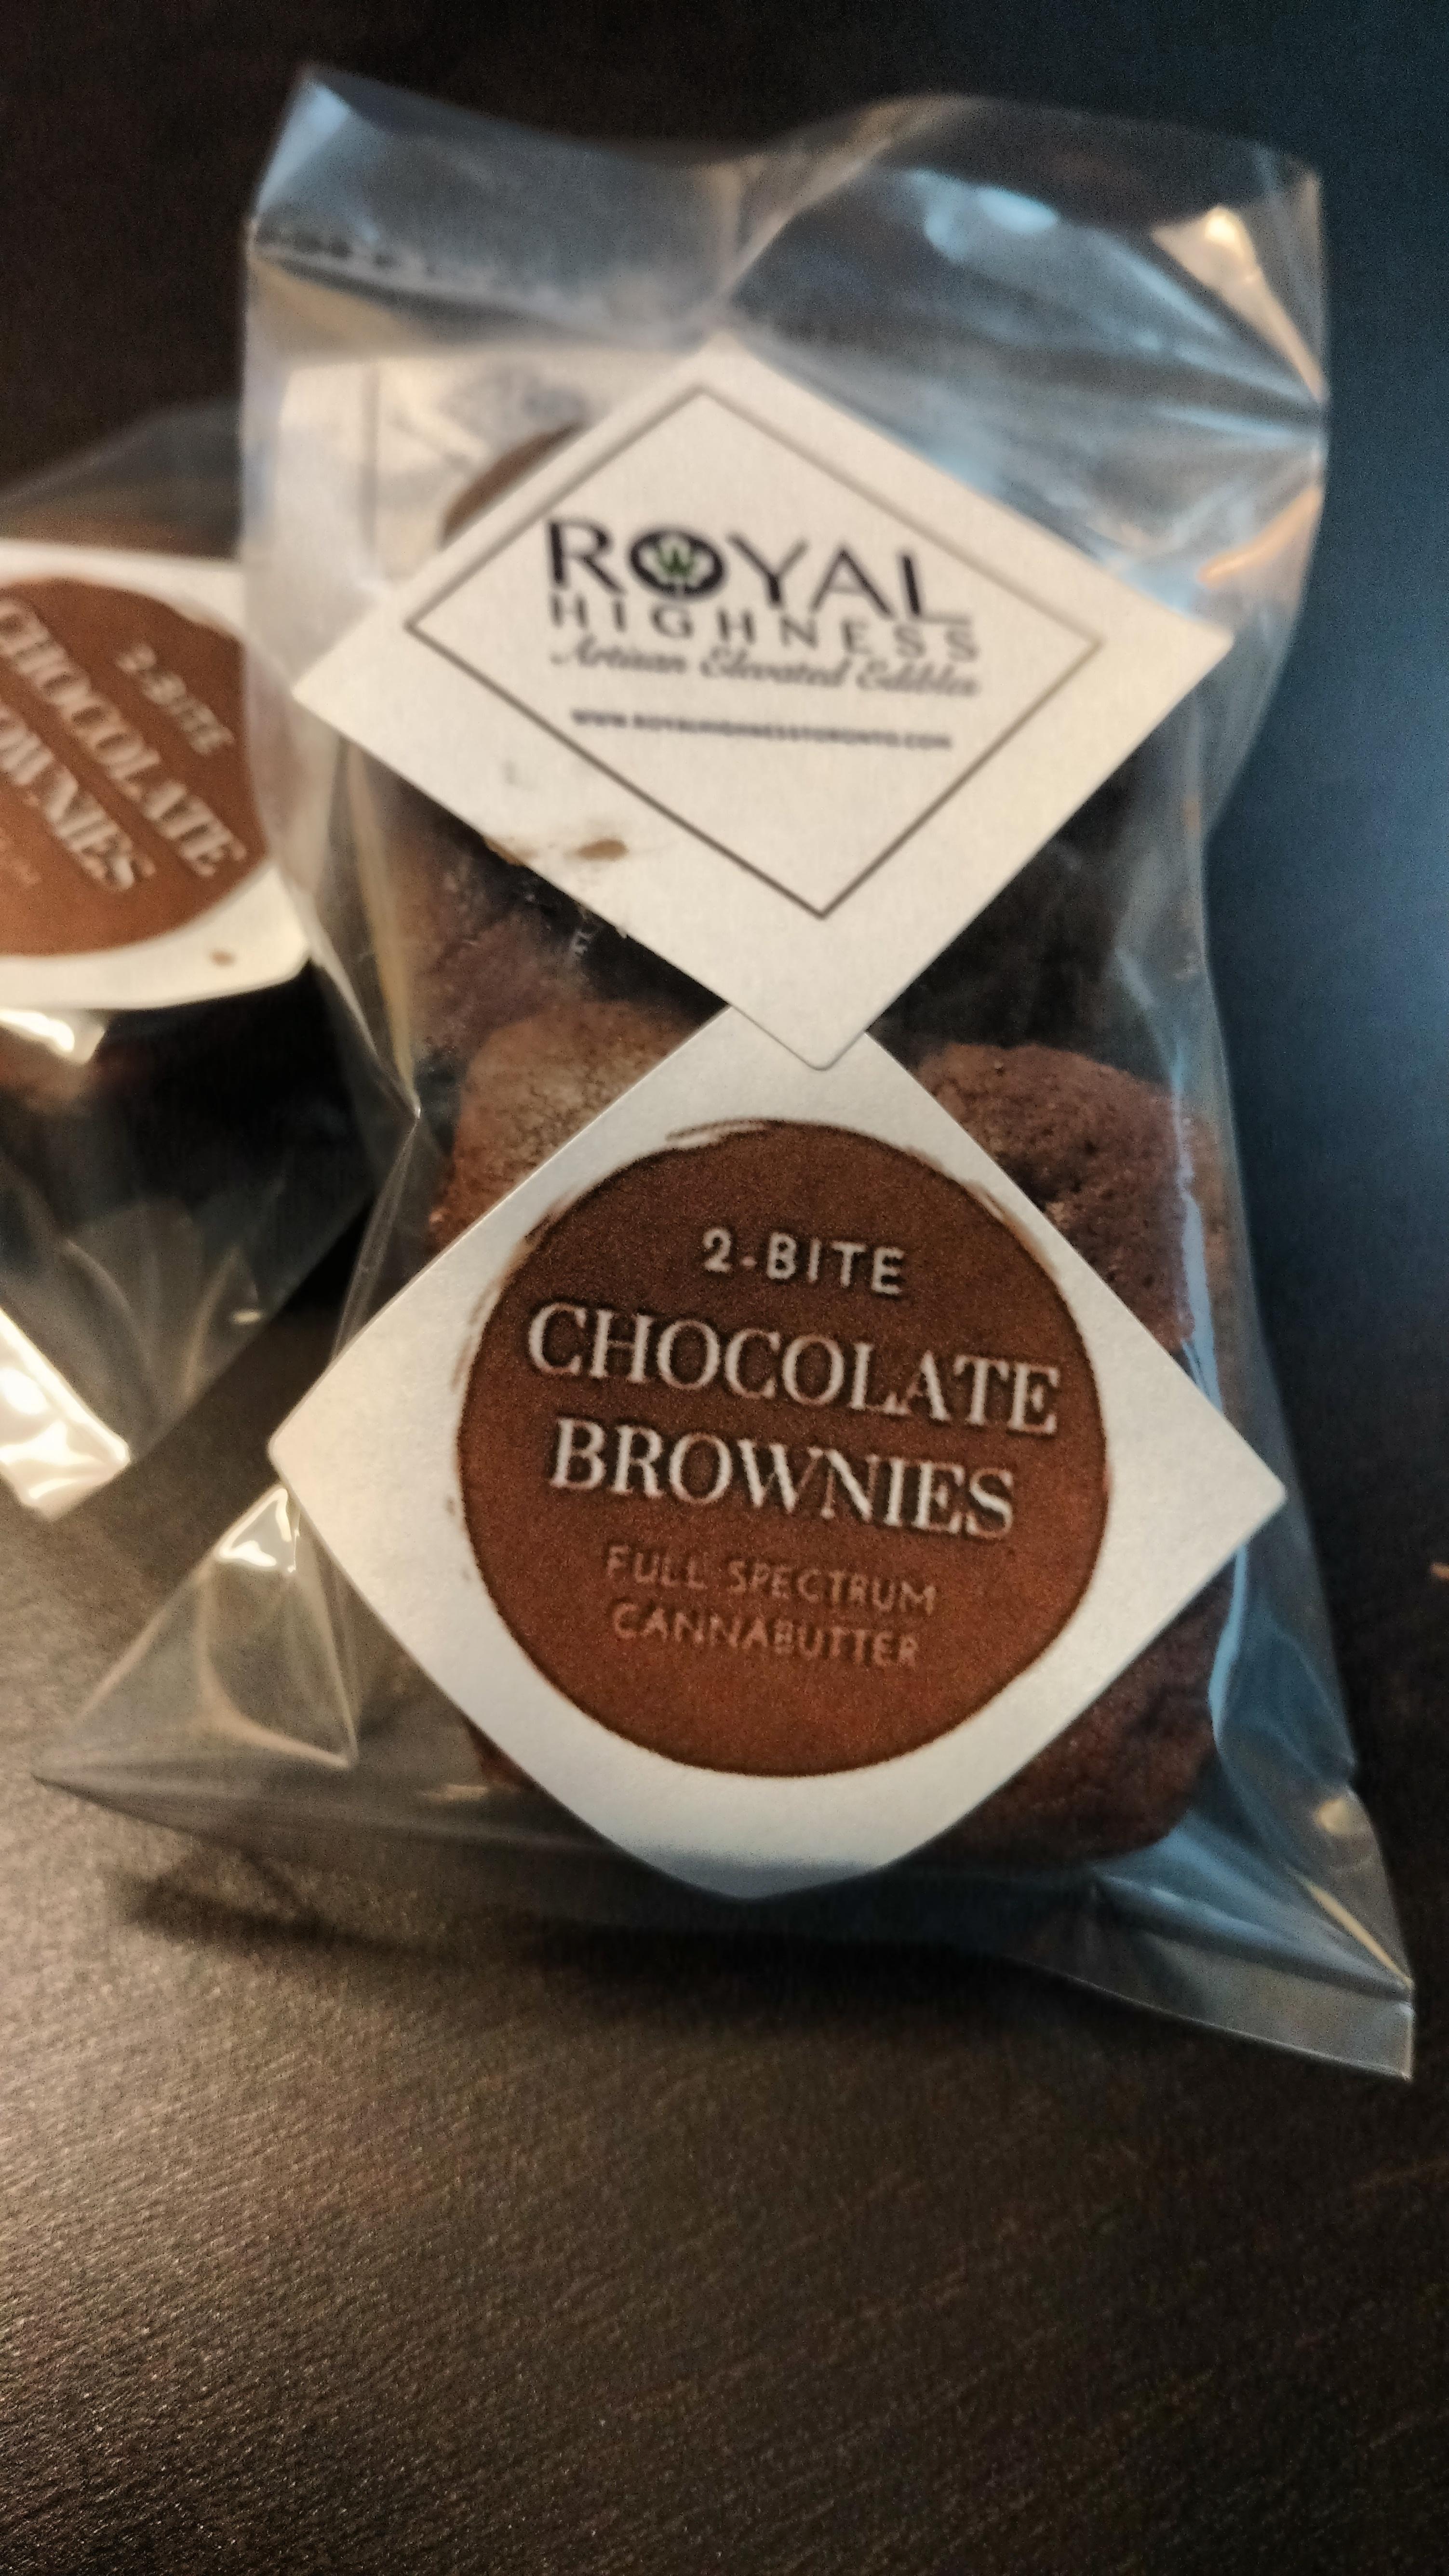 2 Bite Brownies